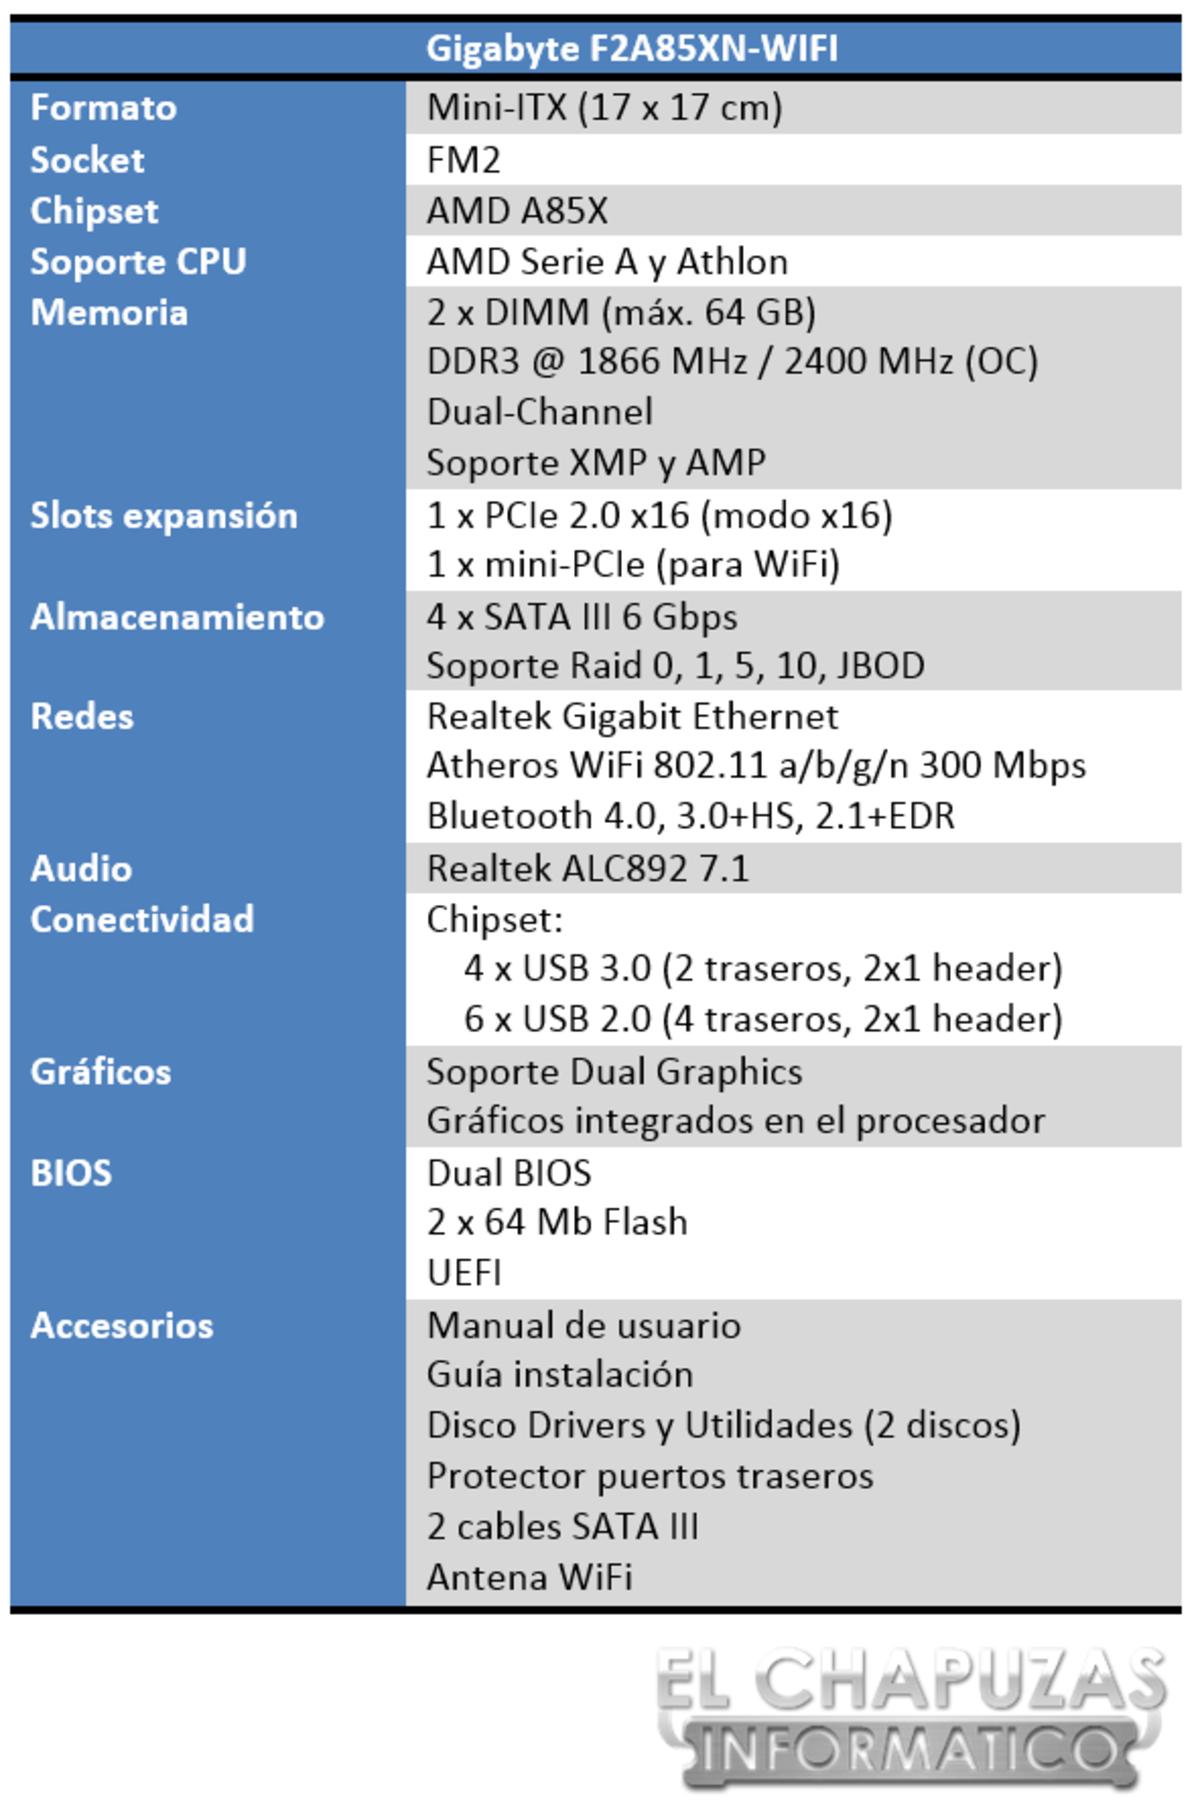 Gigabyte F2A85XN WIFI Especificaciones1 2